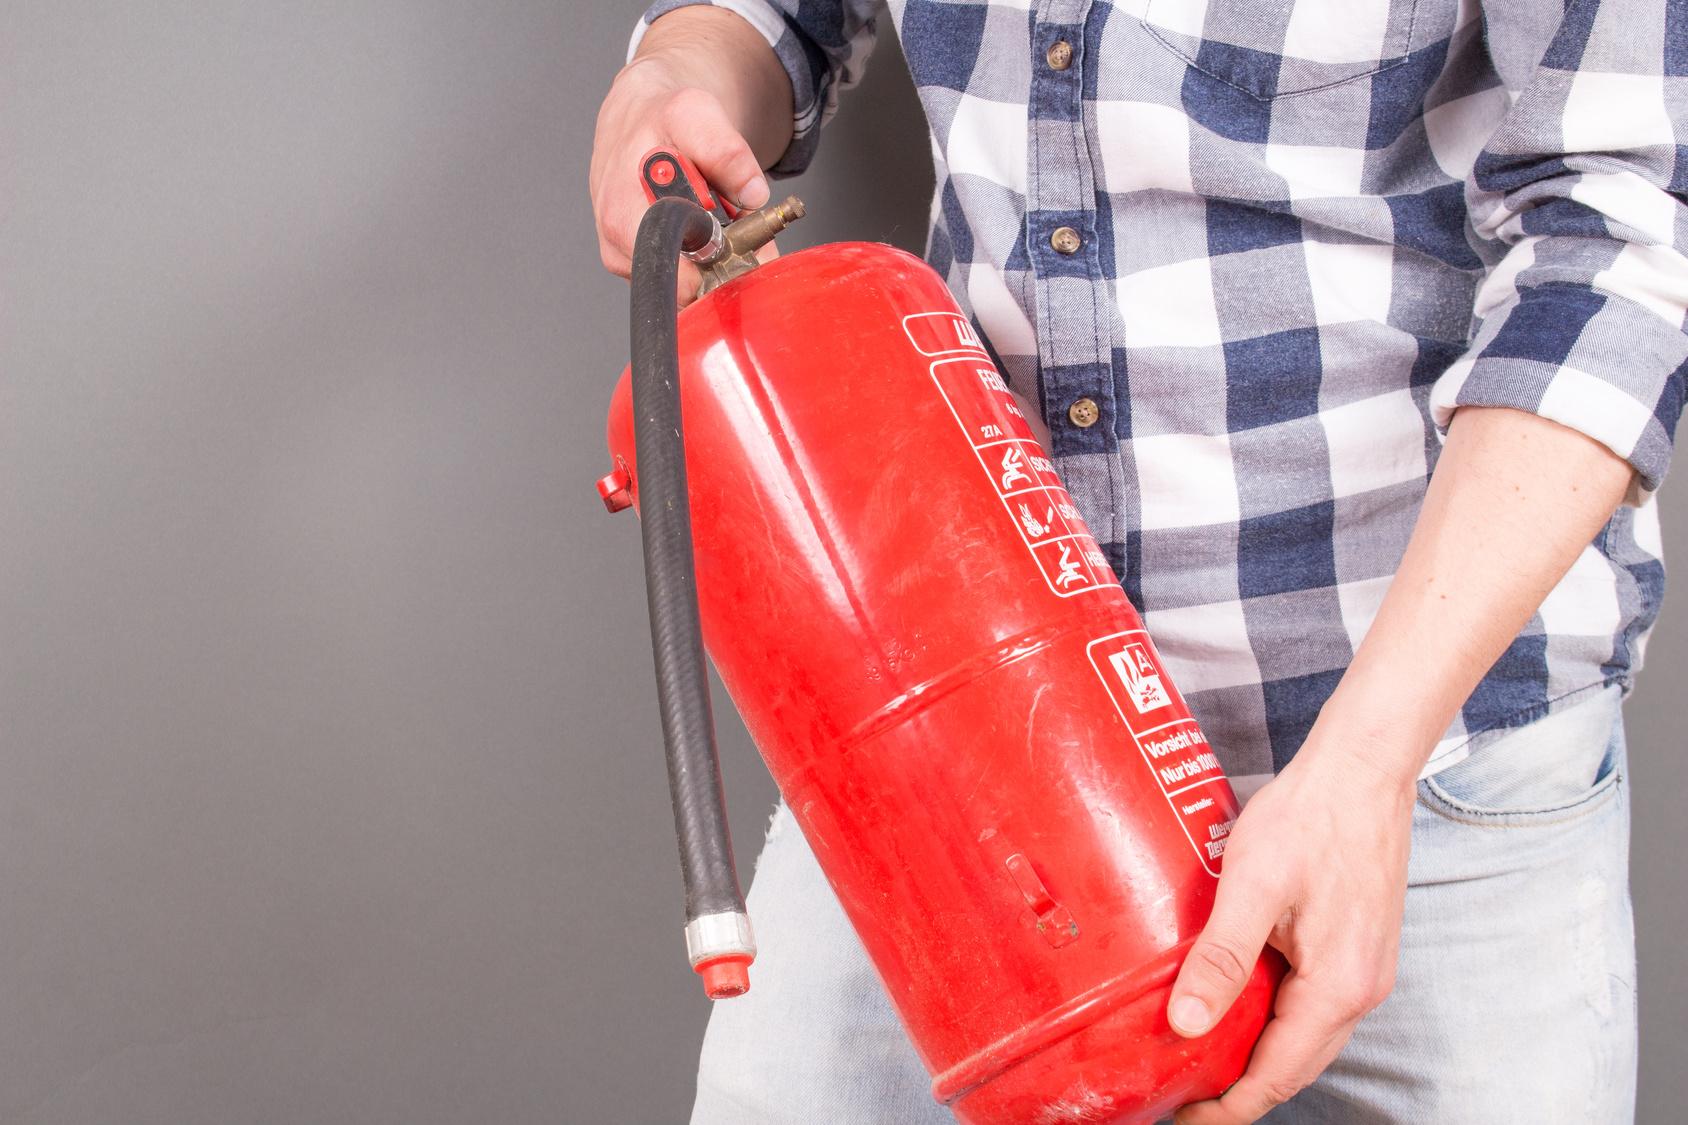 Brandschutzhelfer: Warum die 5 % nicht immer genügen